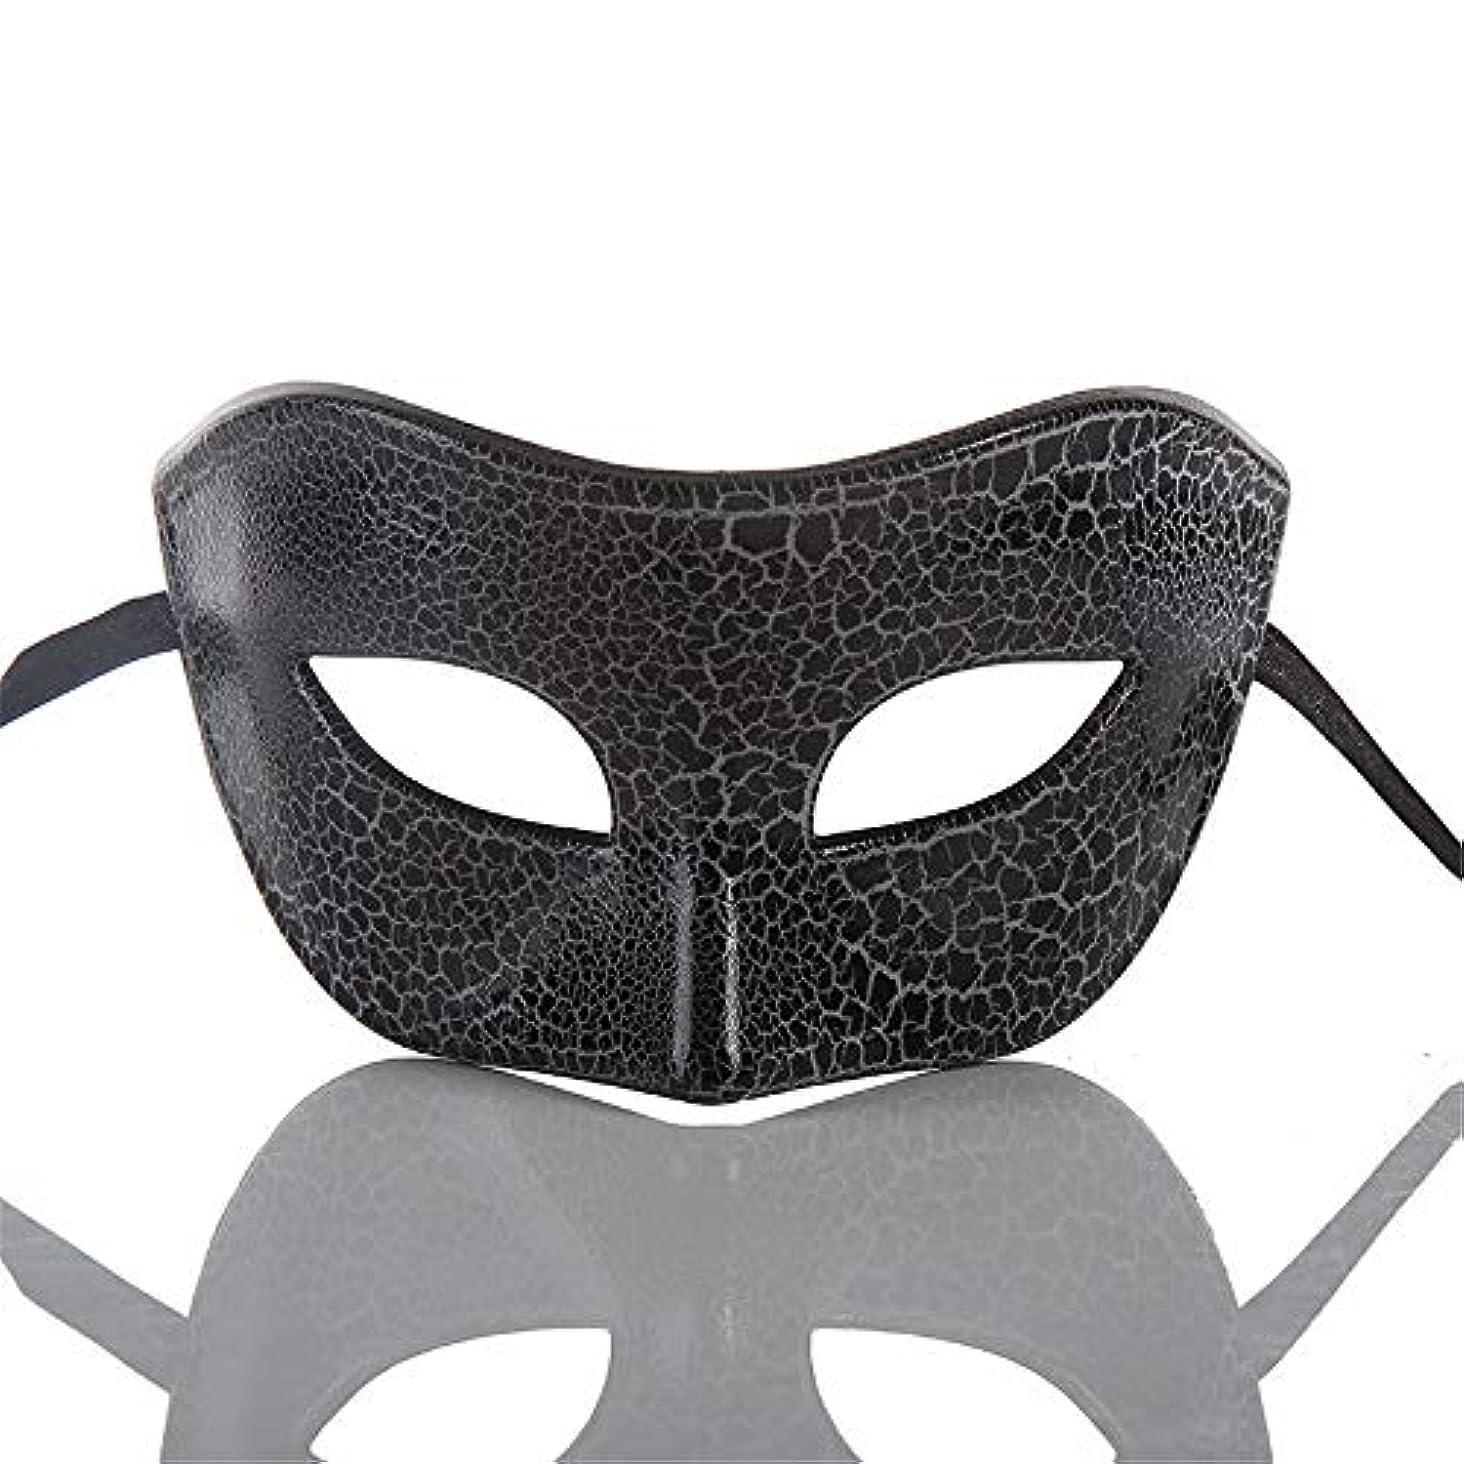 ネコ王朝ほのかダンスマスク ハーフマスク新しいハロウィーンマスク仮装レトロコスプレメイクナイトクラブマスク雰囲気クリスマスお祝いプラスチックマスク ホリデーパーティー用品 (色 : ブラック, サイズ : 16.5x8cm)